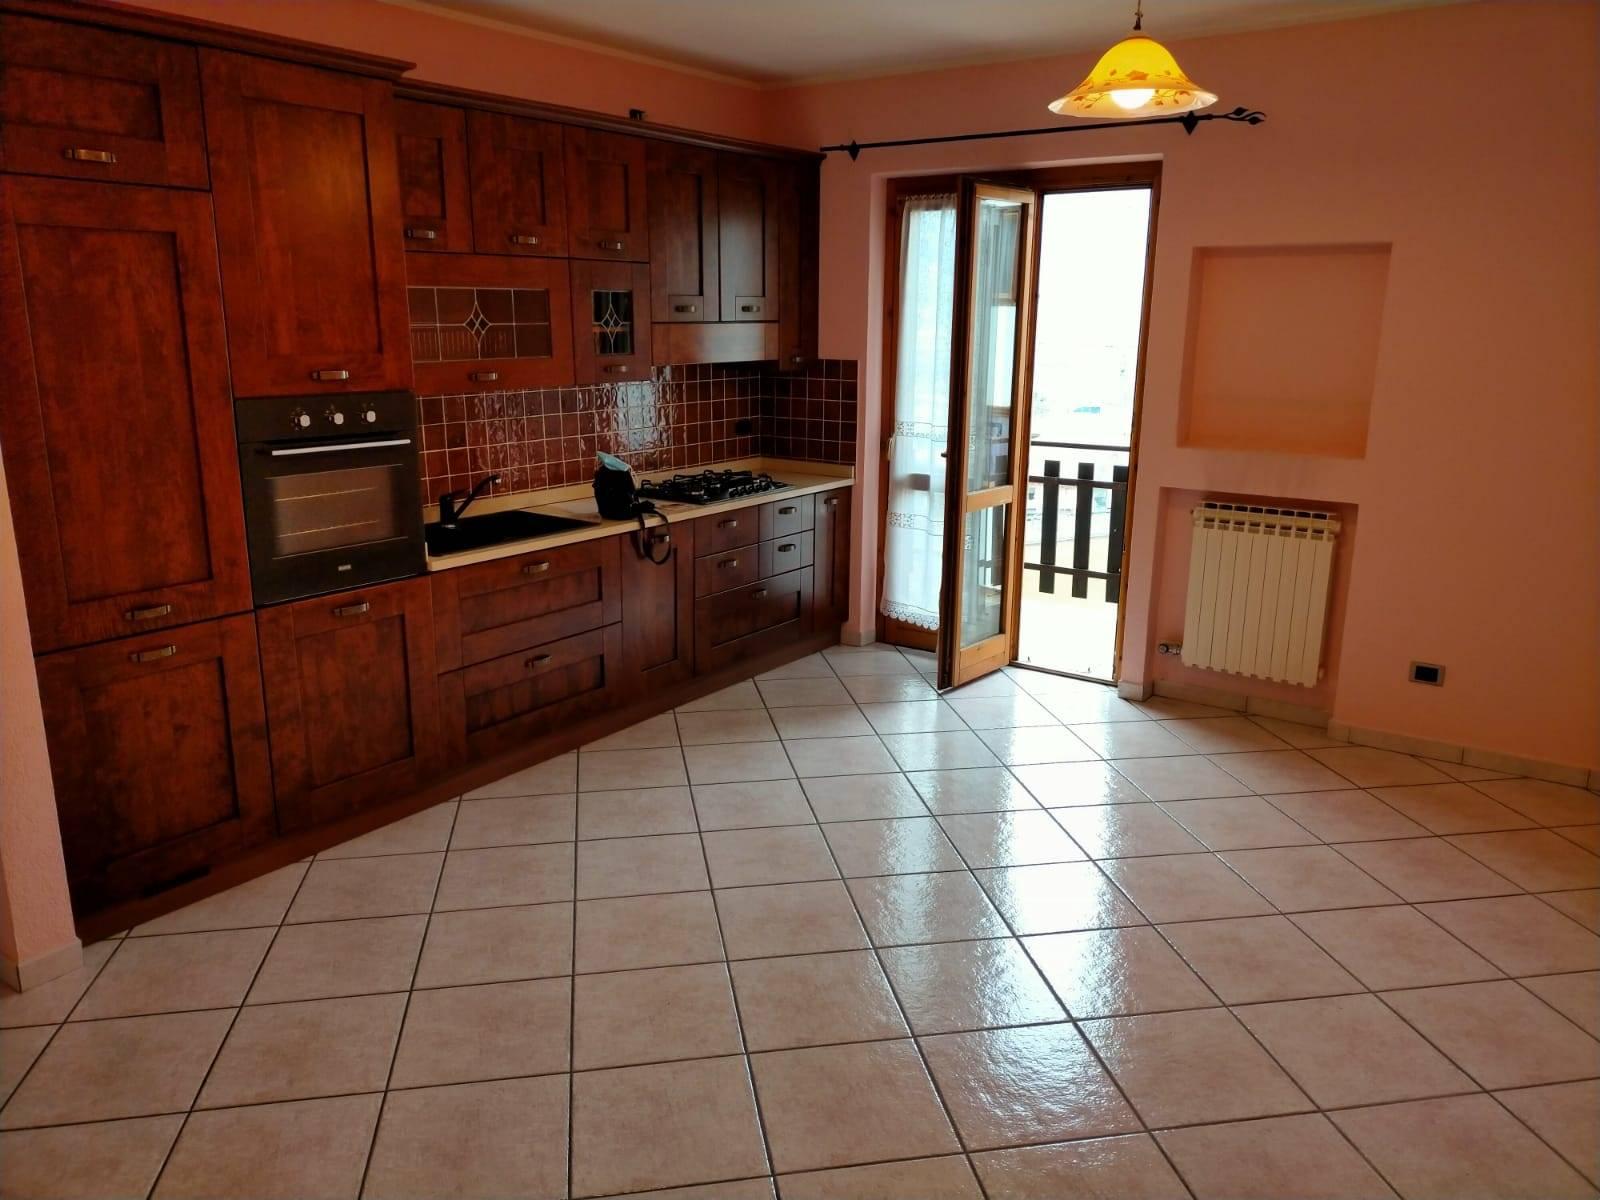 Appartamento in vendita a Pollein, 3 locali, zona Località: SAINT-BENIN, prezzo € 140.000 | PortaleAgenzieImmobiliari.it